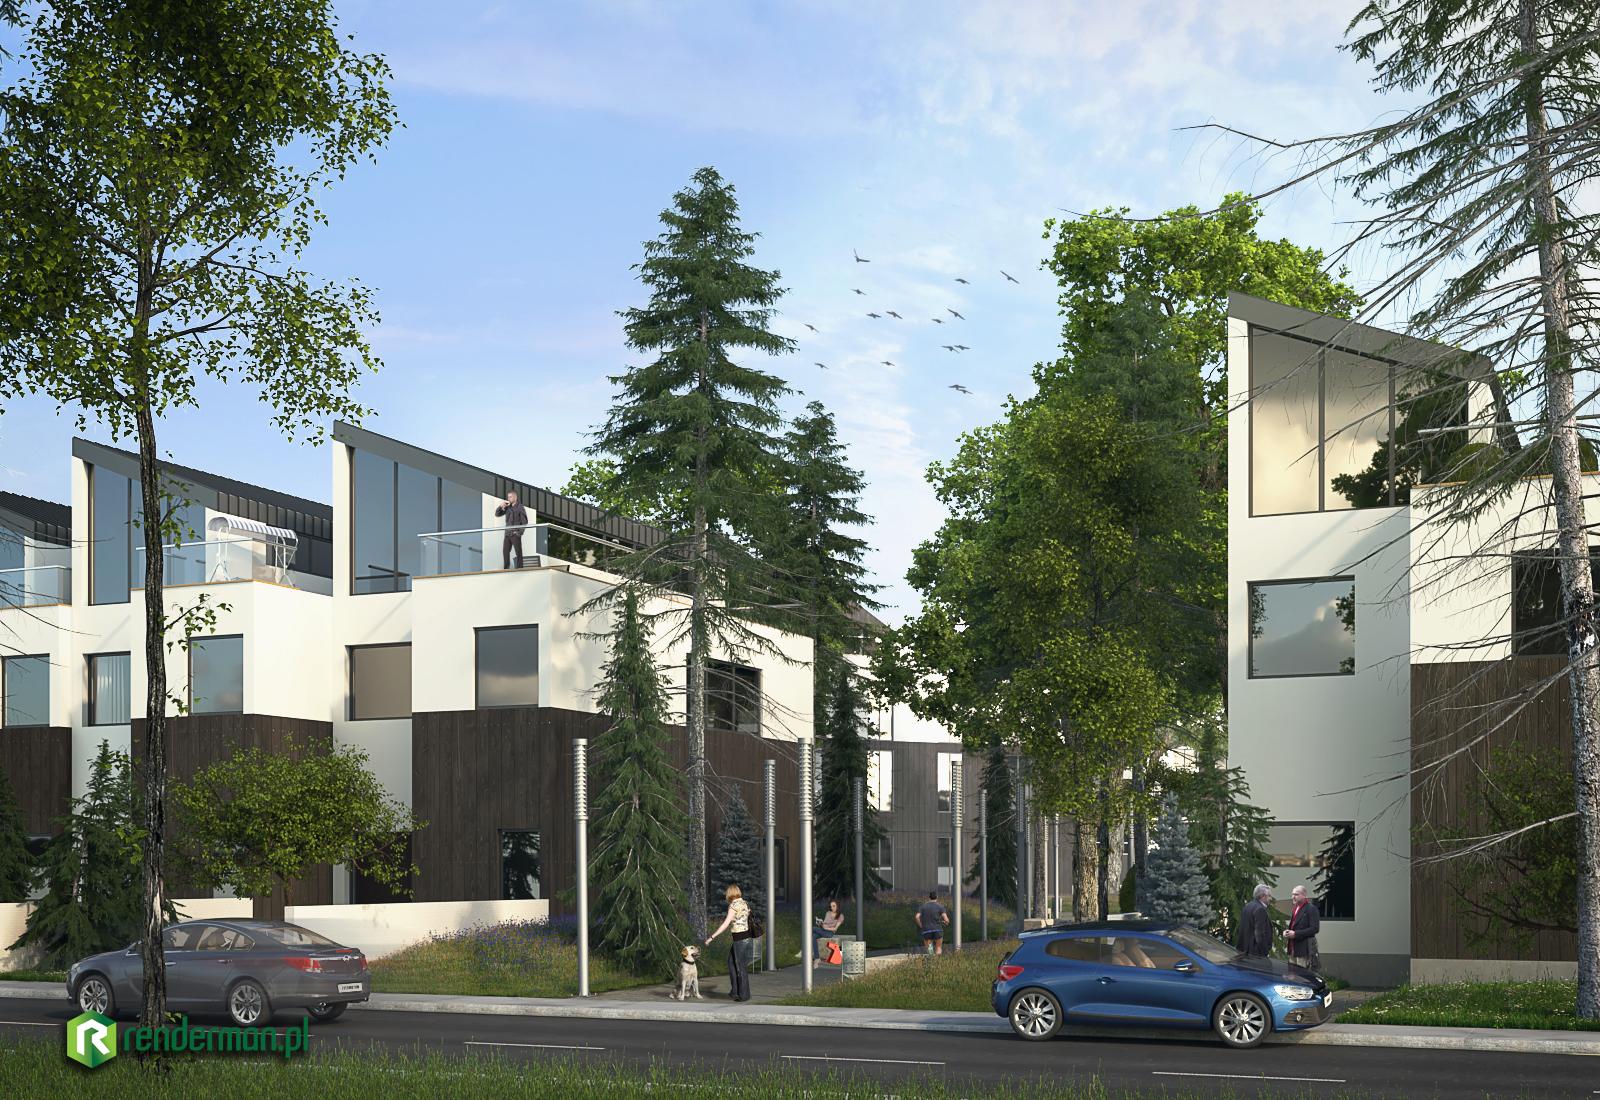 Norway Condo building, wizualizacja budynku, wizualizacja 3D,rendering 3D